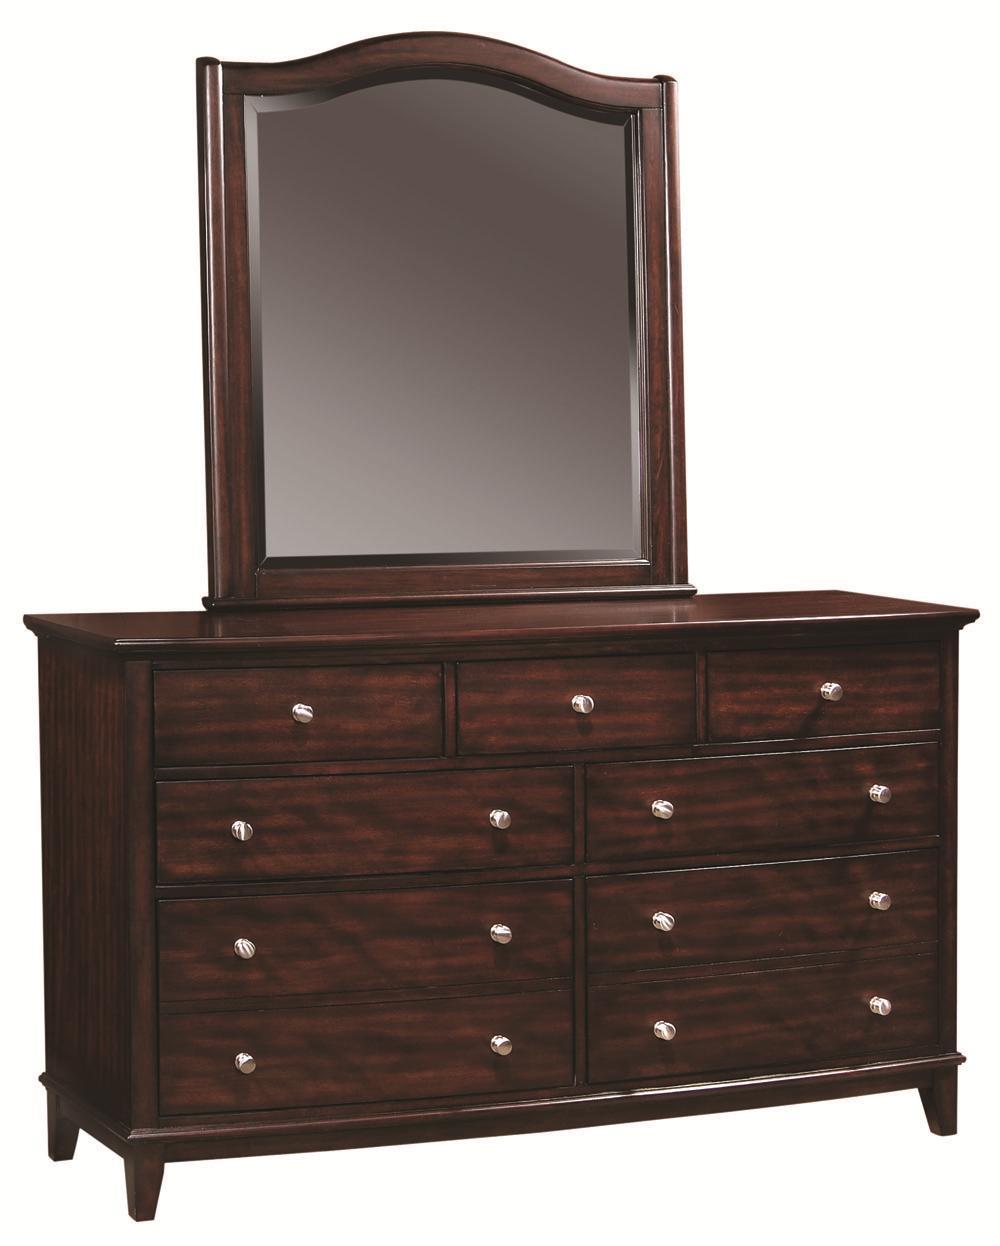 Aspenhome Lincoln Park Dresser & Mirror - Item Number: I82462+454